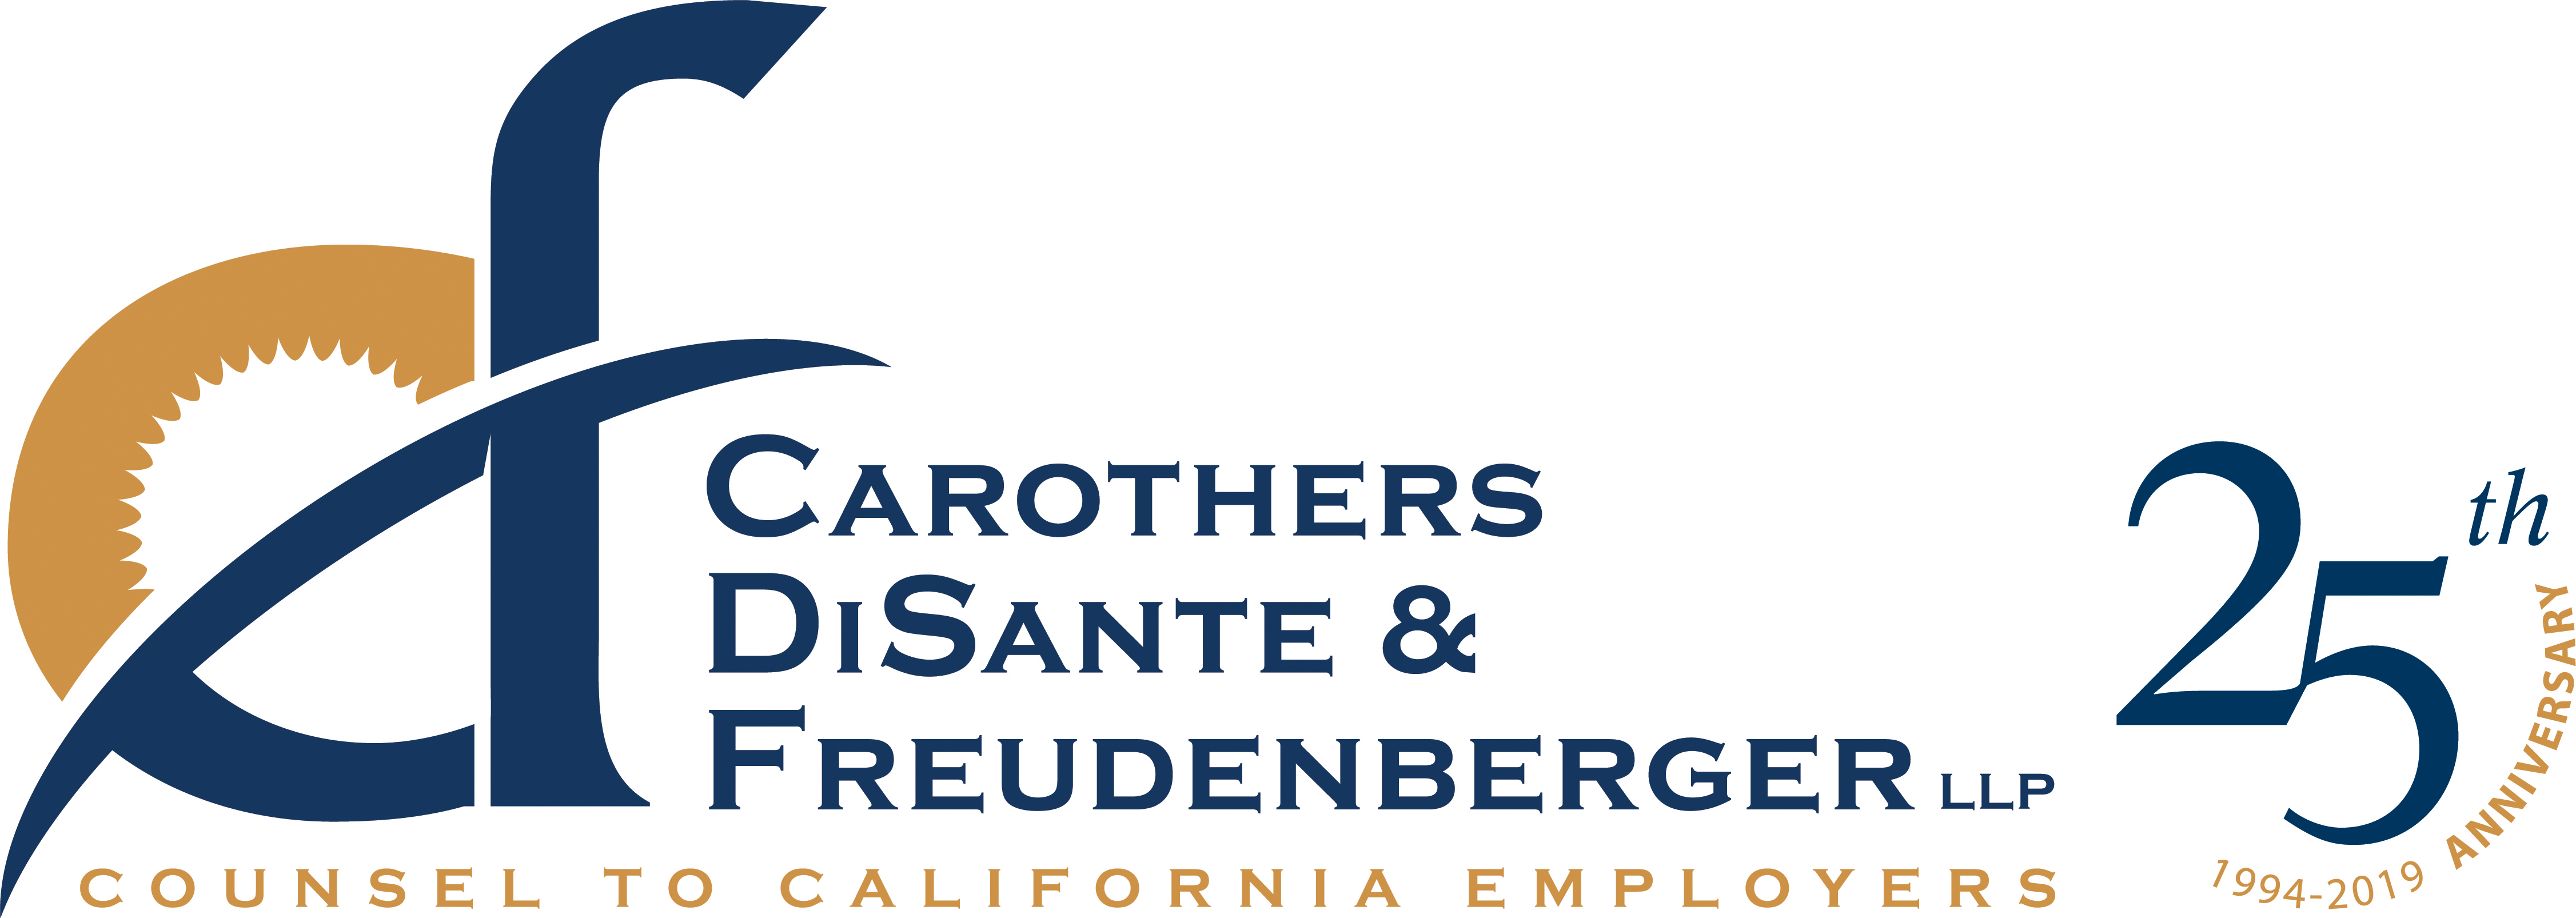 Carothers DiSante & Freudenberger LLP baut Führungsposition aus und erweitert das Unternehmen um vier Partner im gesamten Bundesstaat